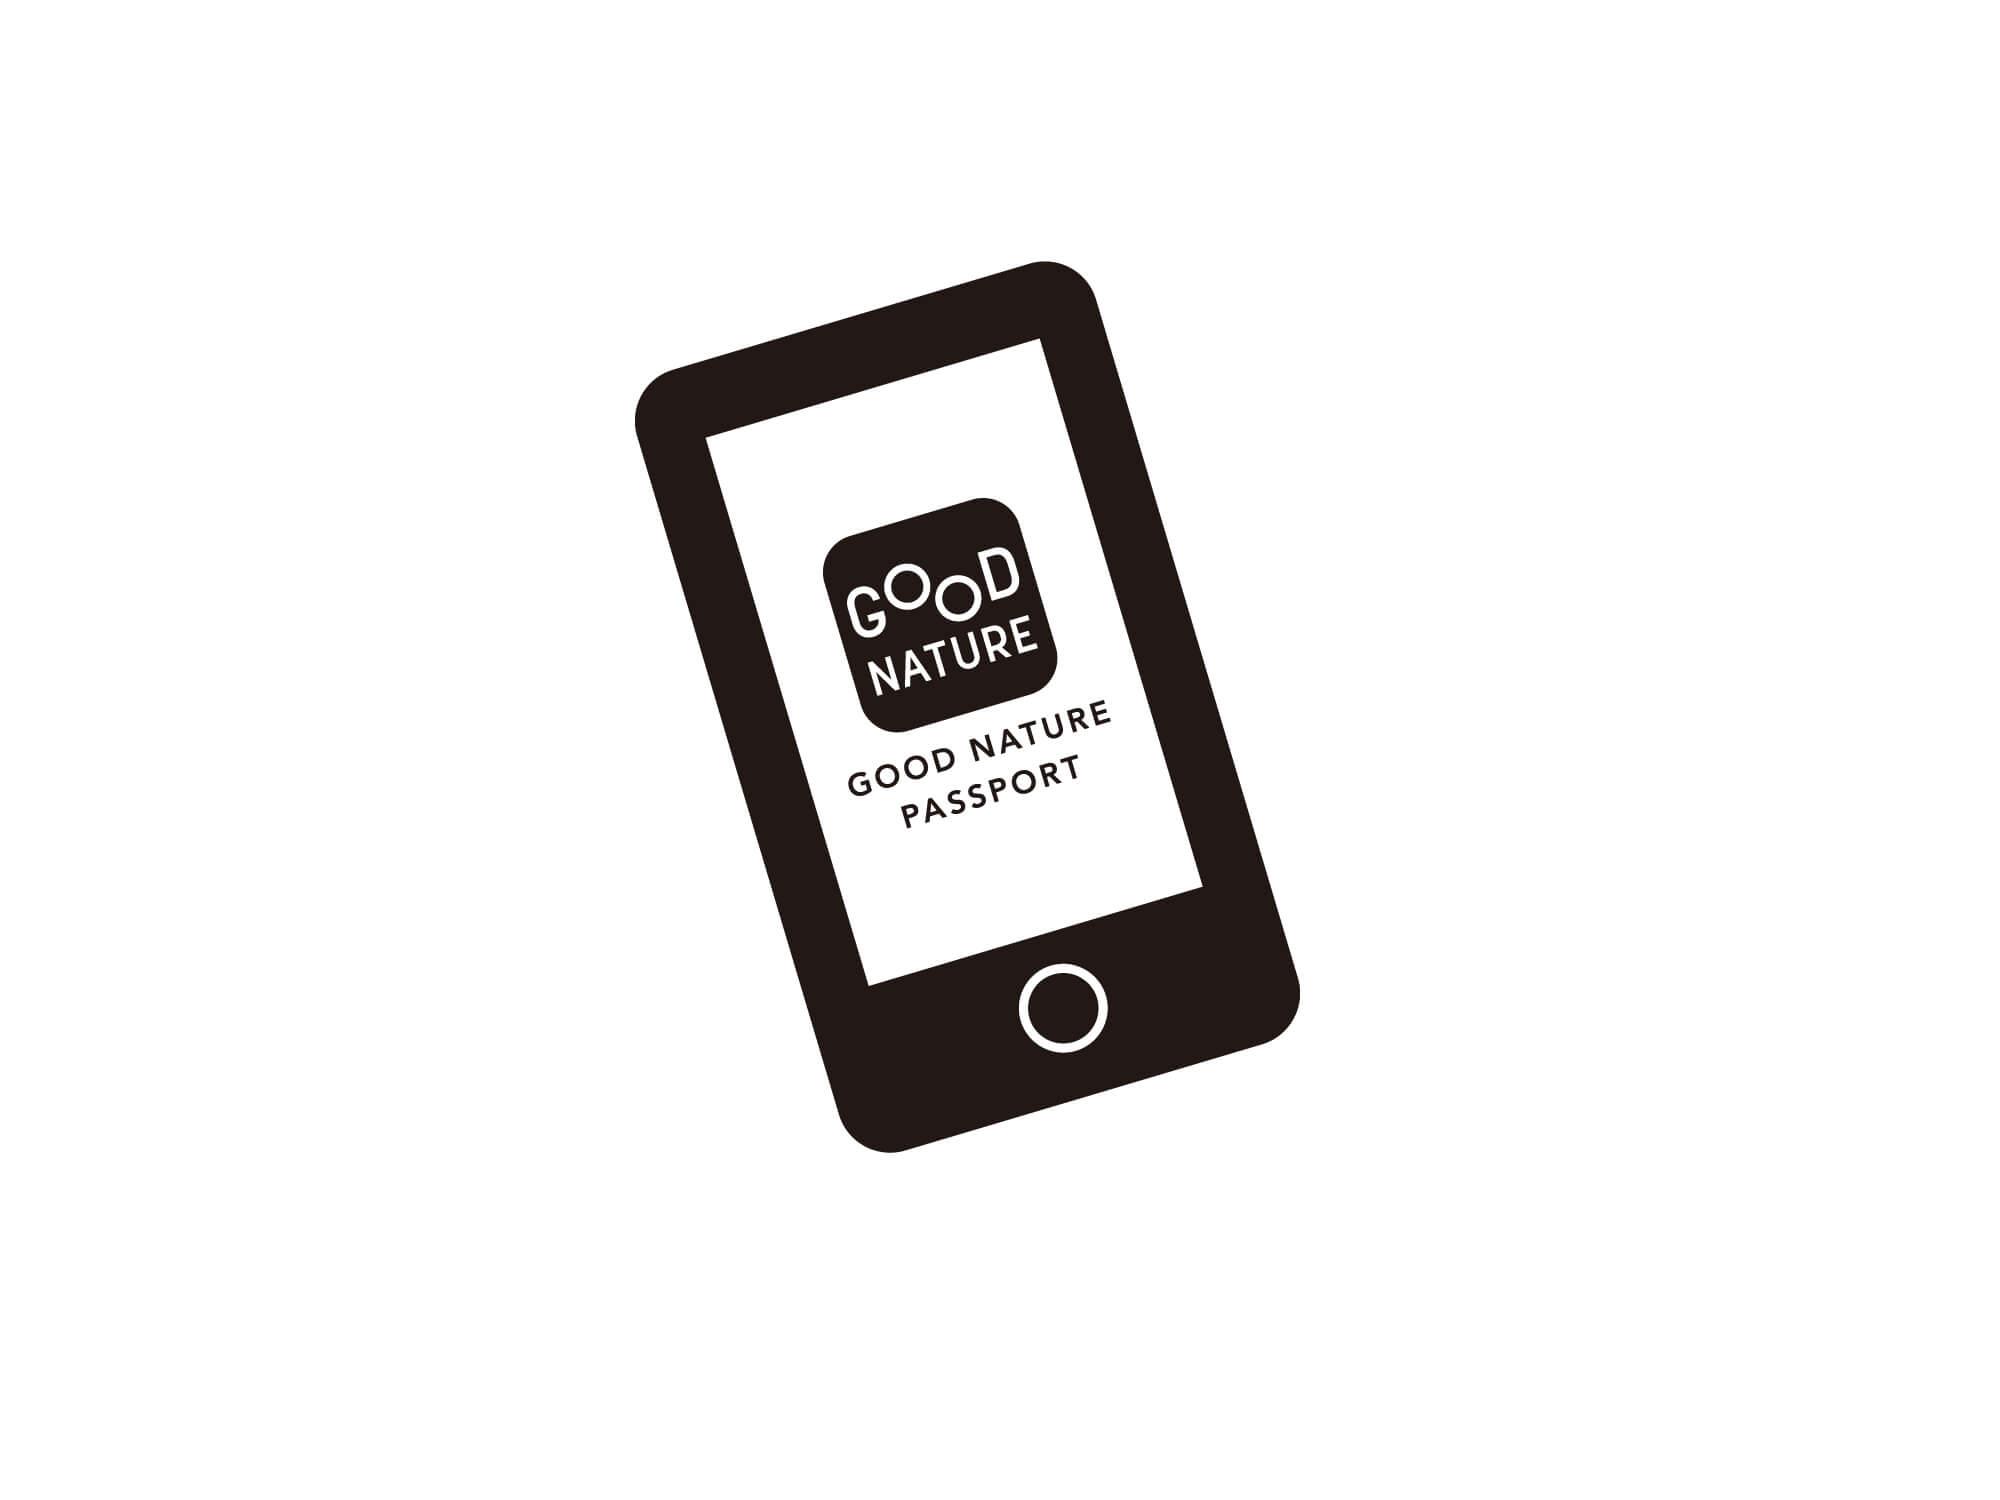 公式アプリ「GOOD NATURE PASSPORT」が更に便利に!